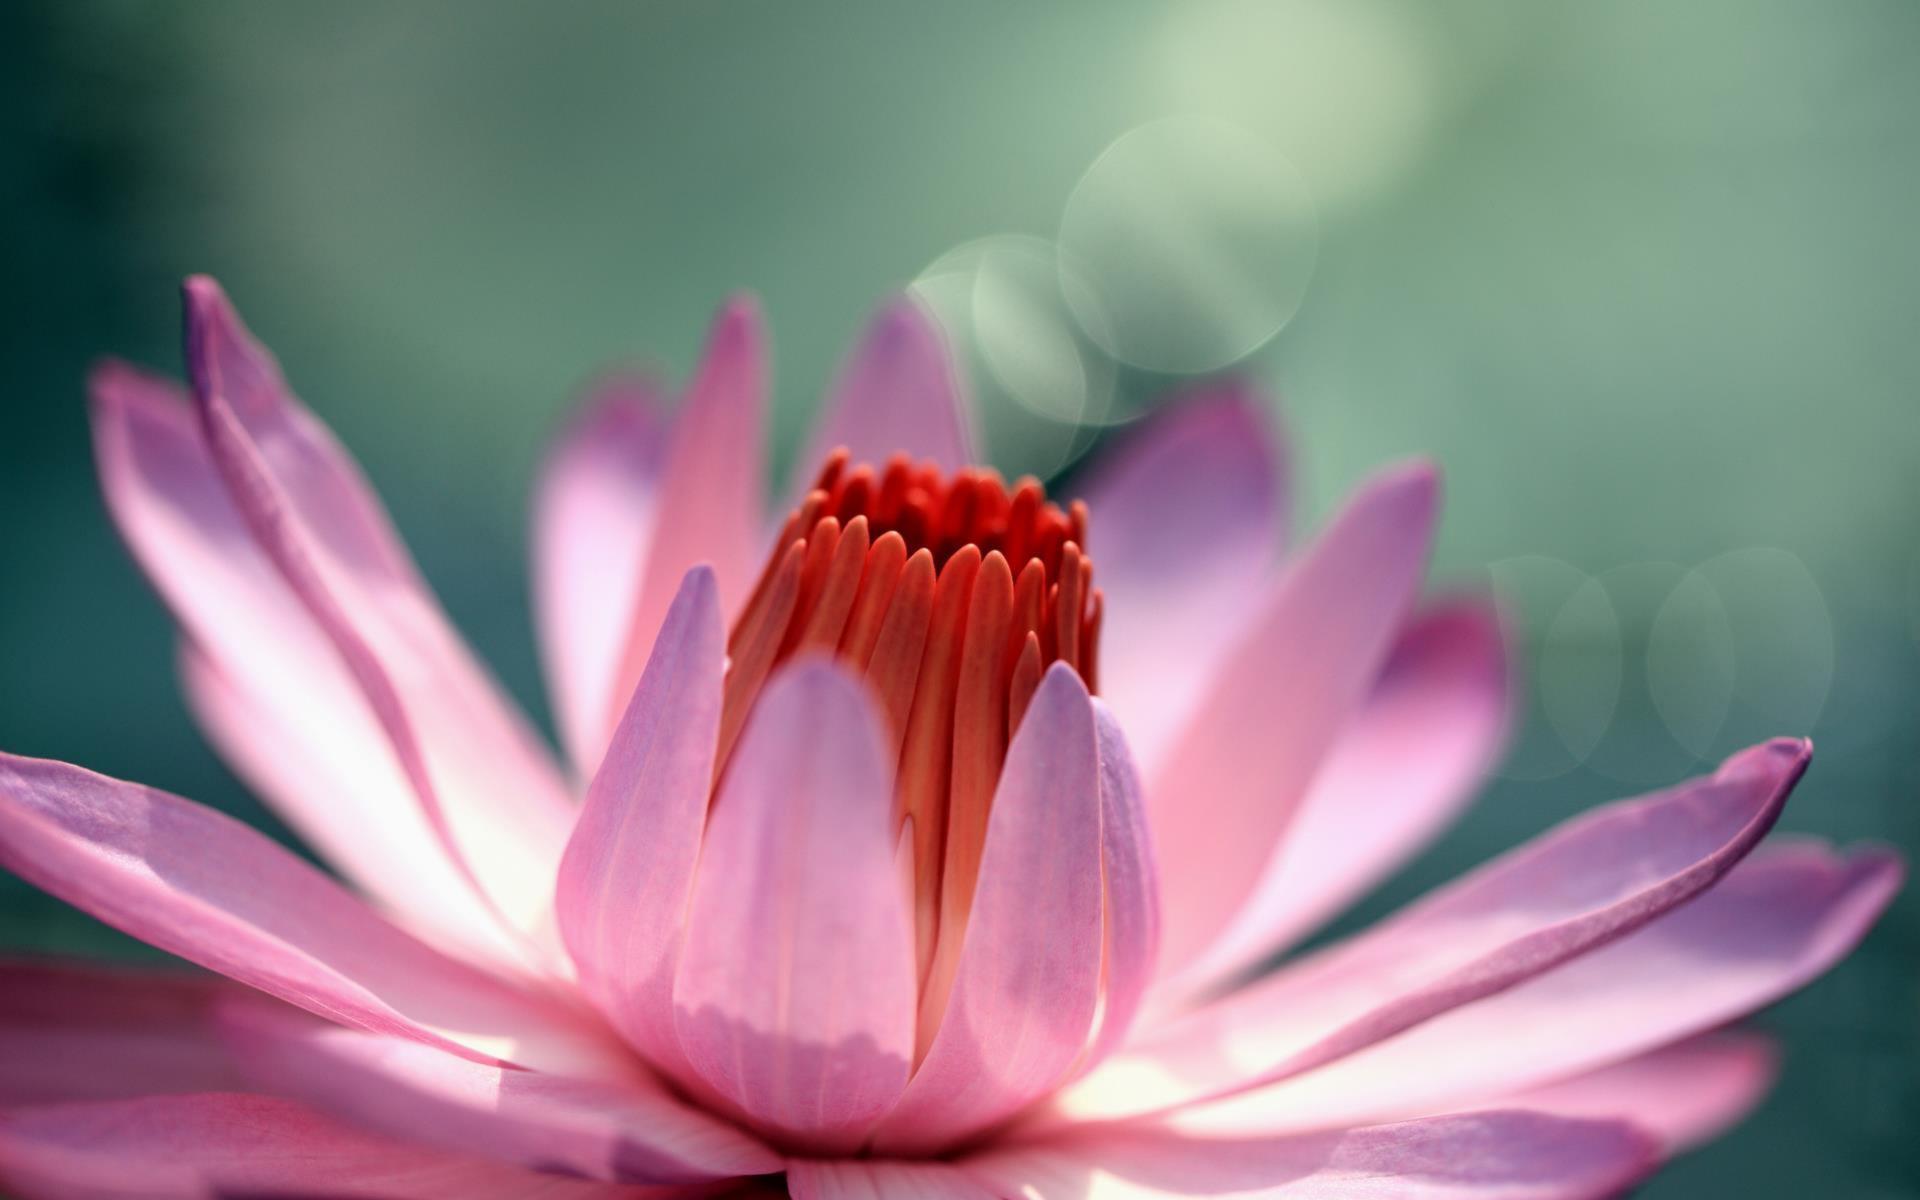 fonds-ecran-nature-et-fleurs-en-grand-format_4